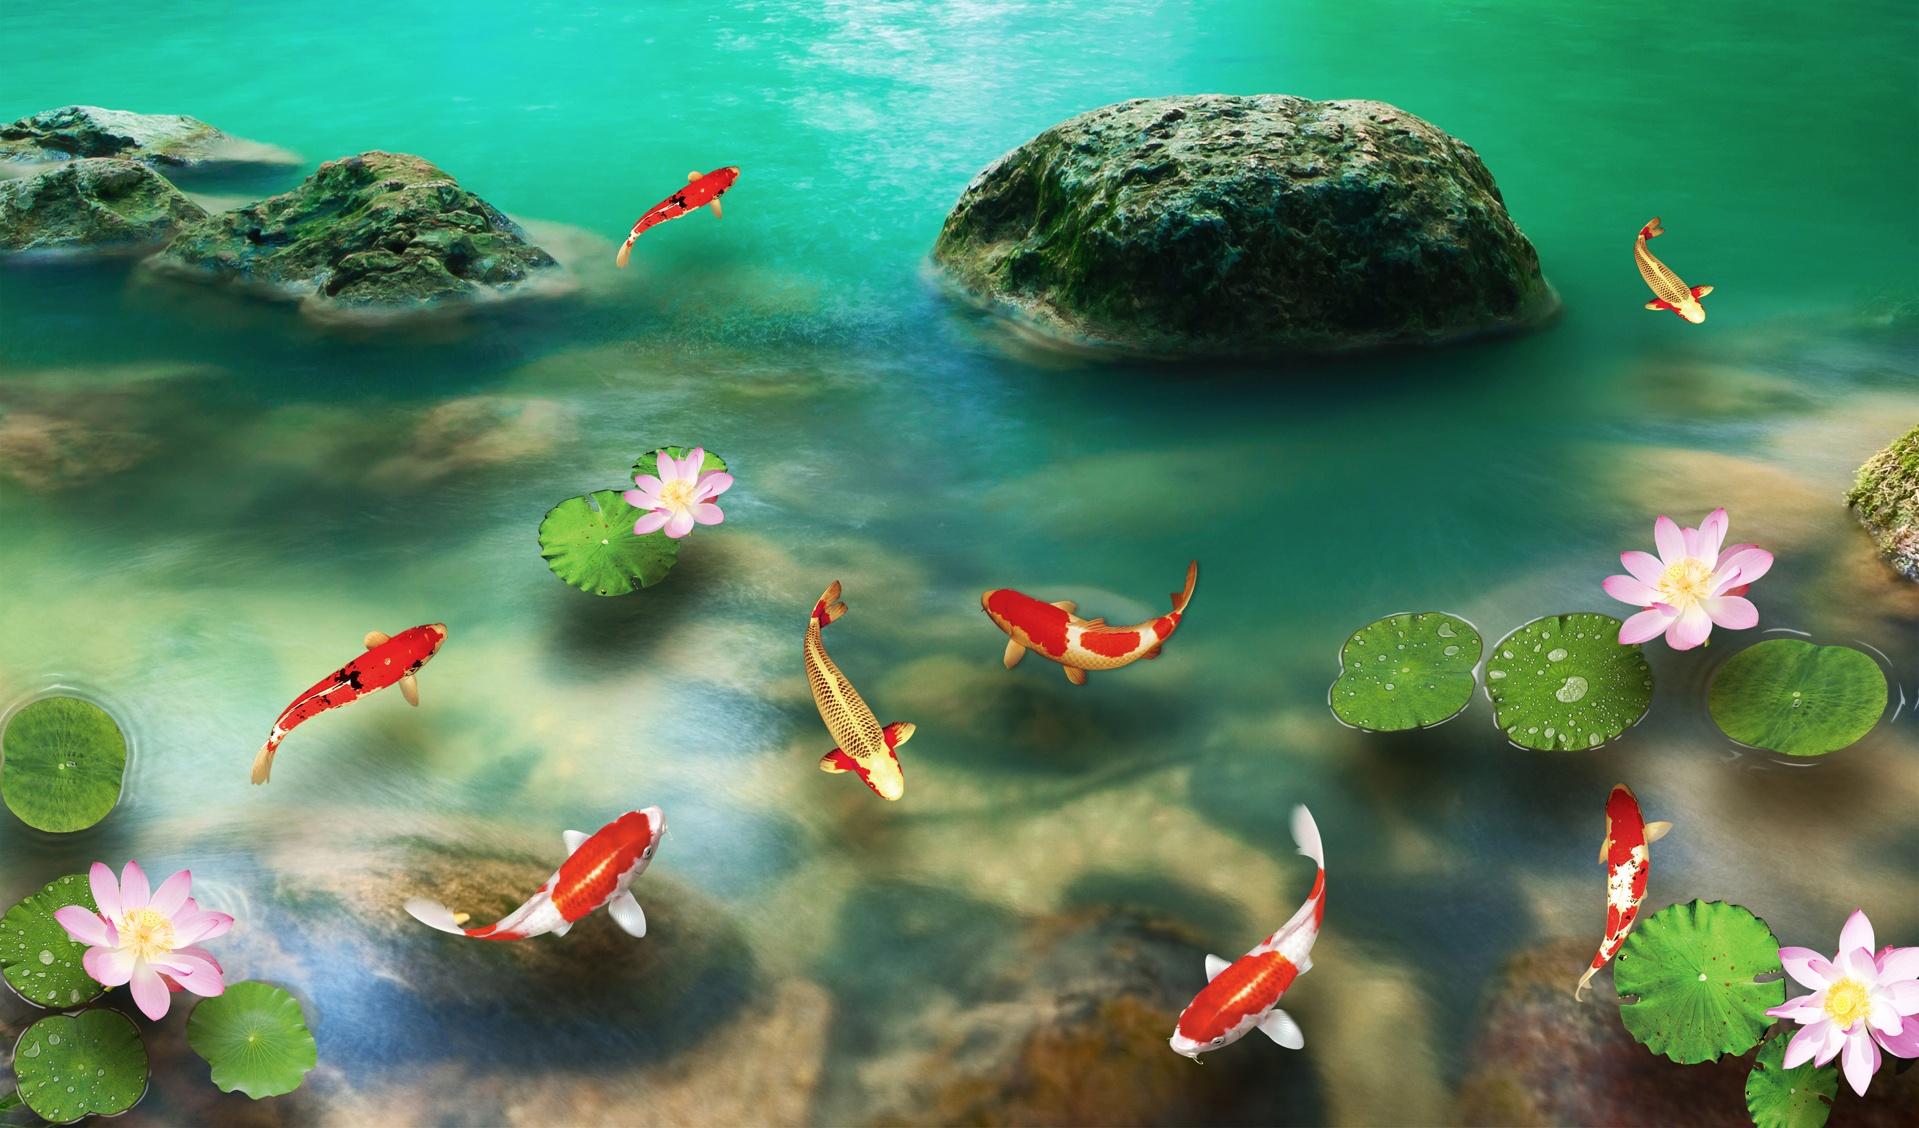 Hình nền cá chép đẹp